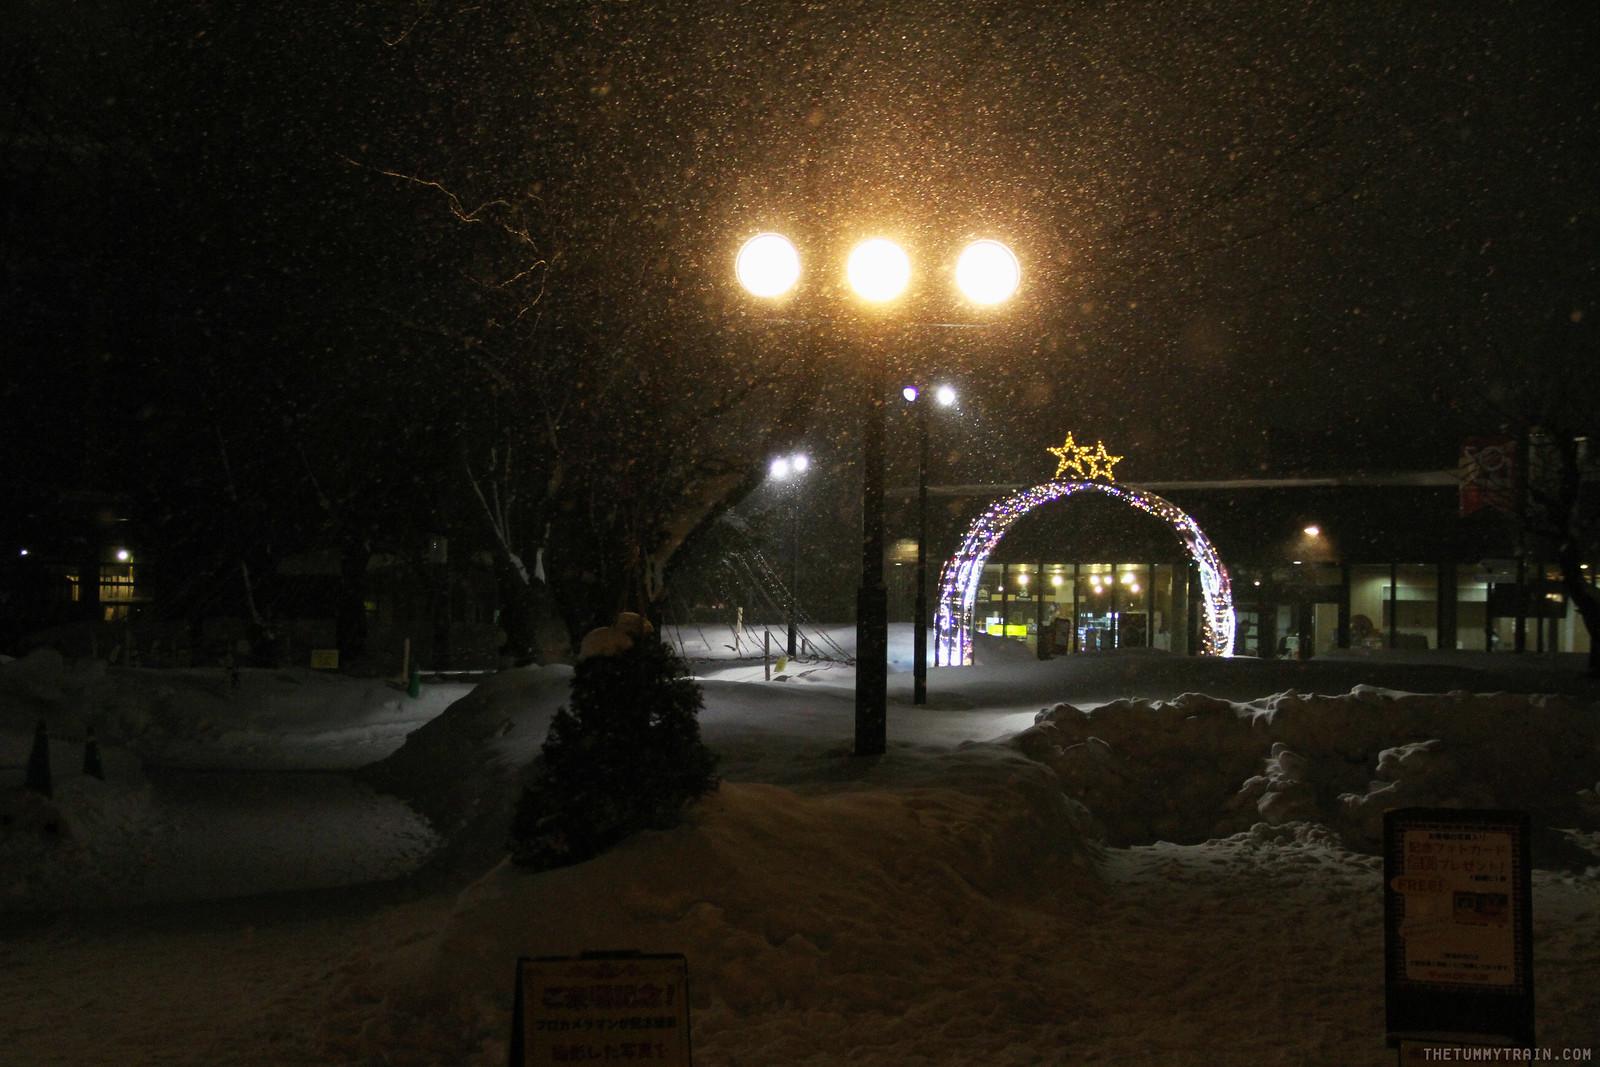 32877159766 a283e57f45 h - Sapporo Snow And Smile: 8 Unforgettable Winter Experiences in Sapporo City